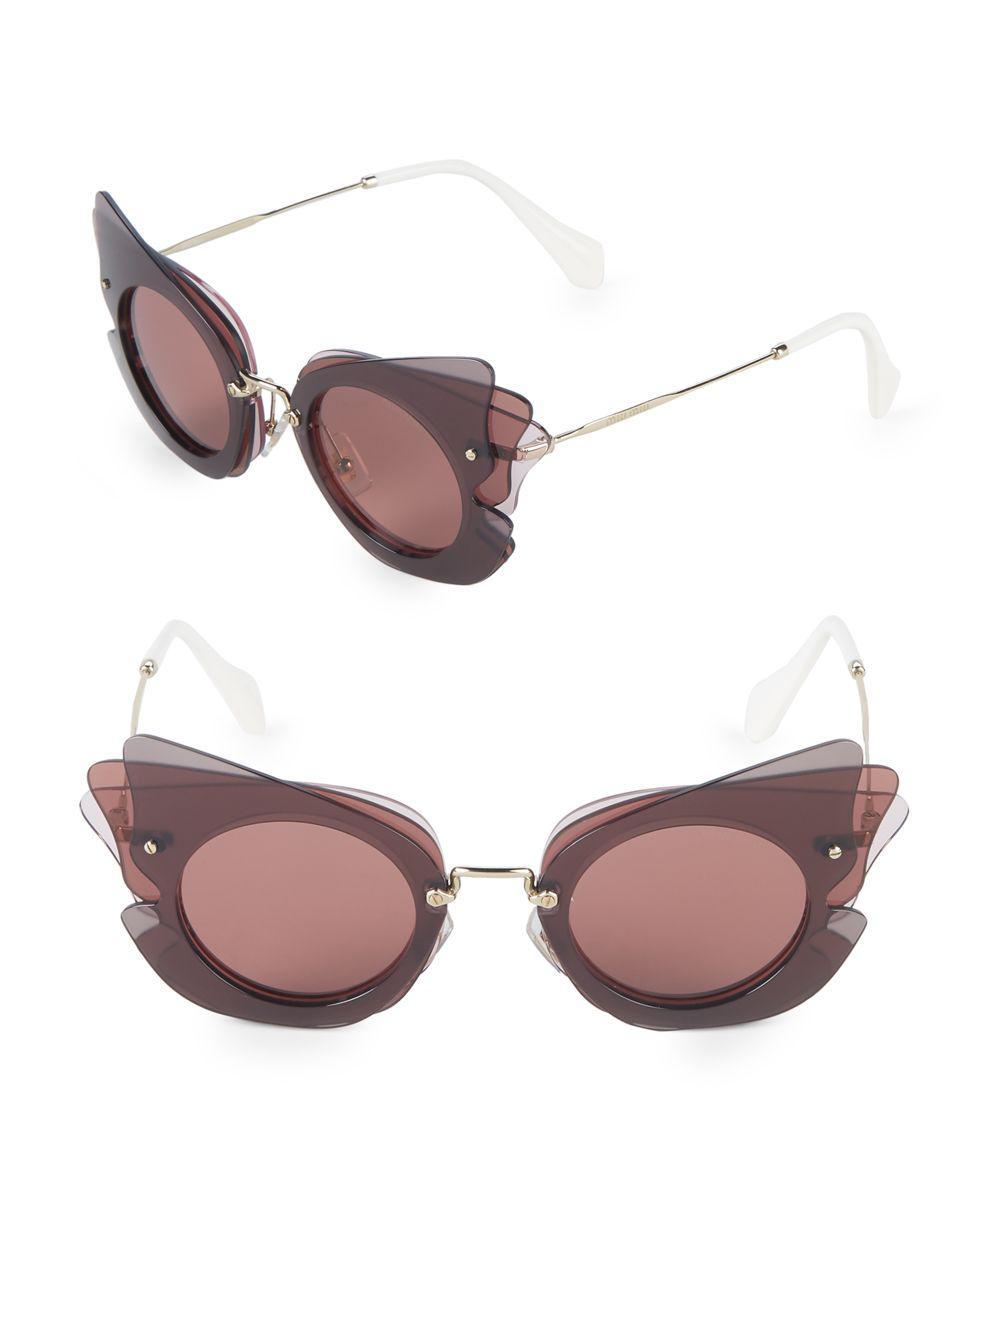 18824a31d2 Miu Miu. Women s 63mm Round Aviator Sunglasses